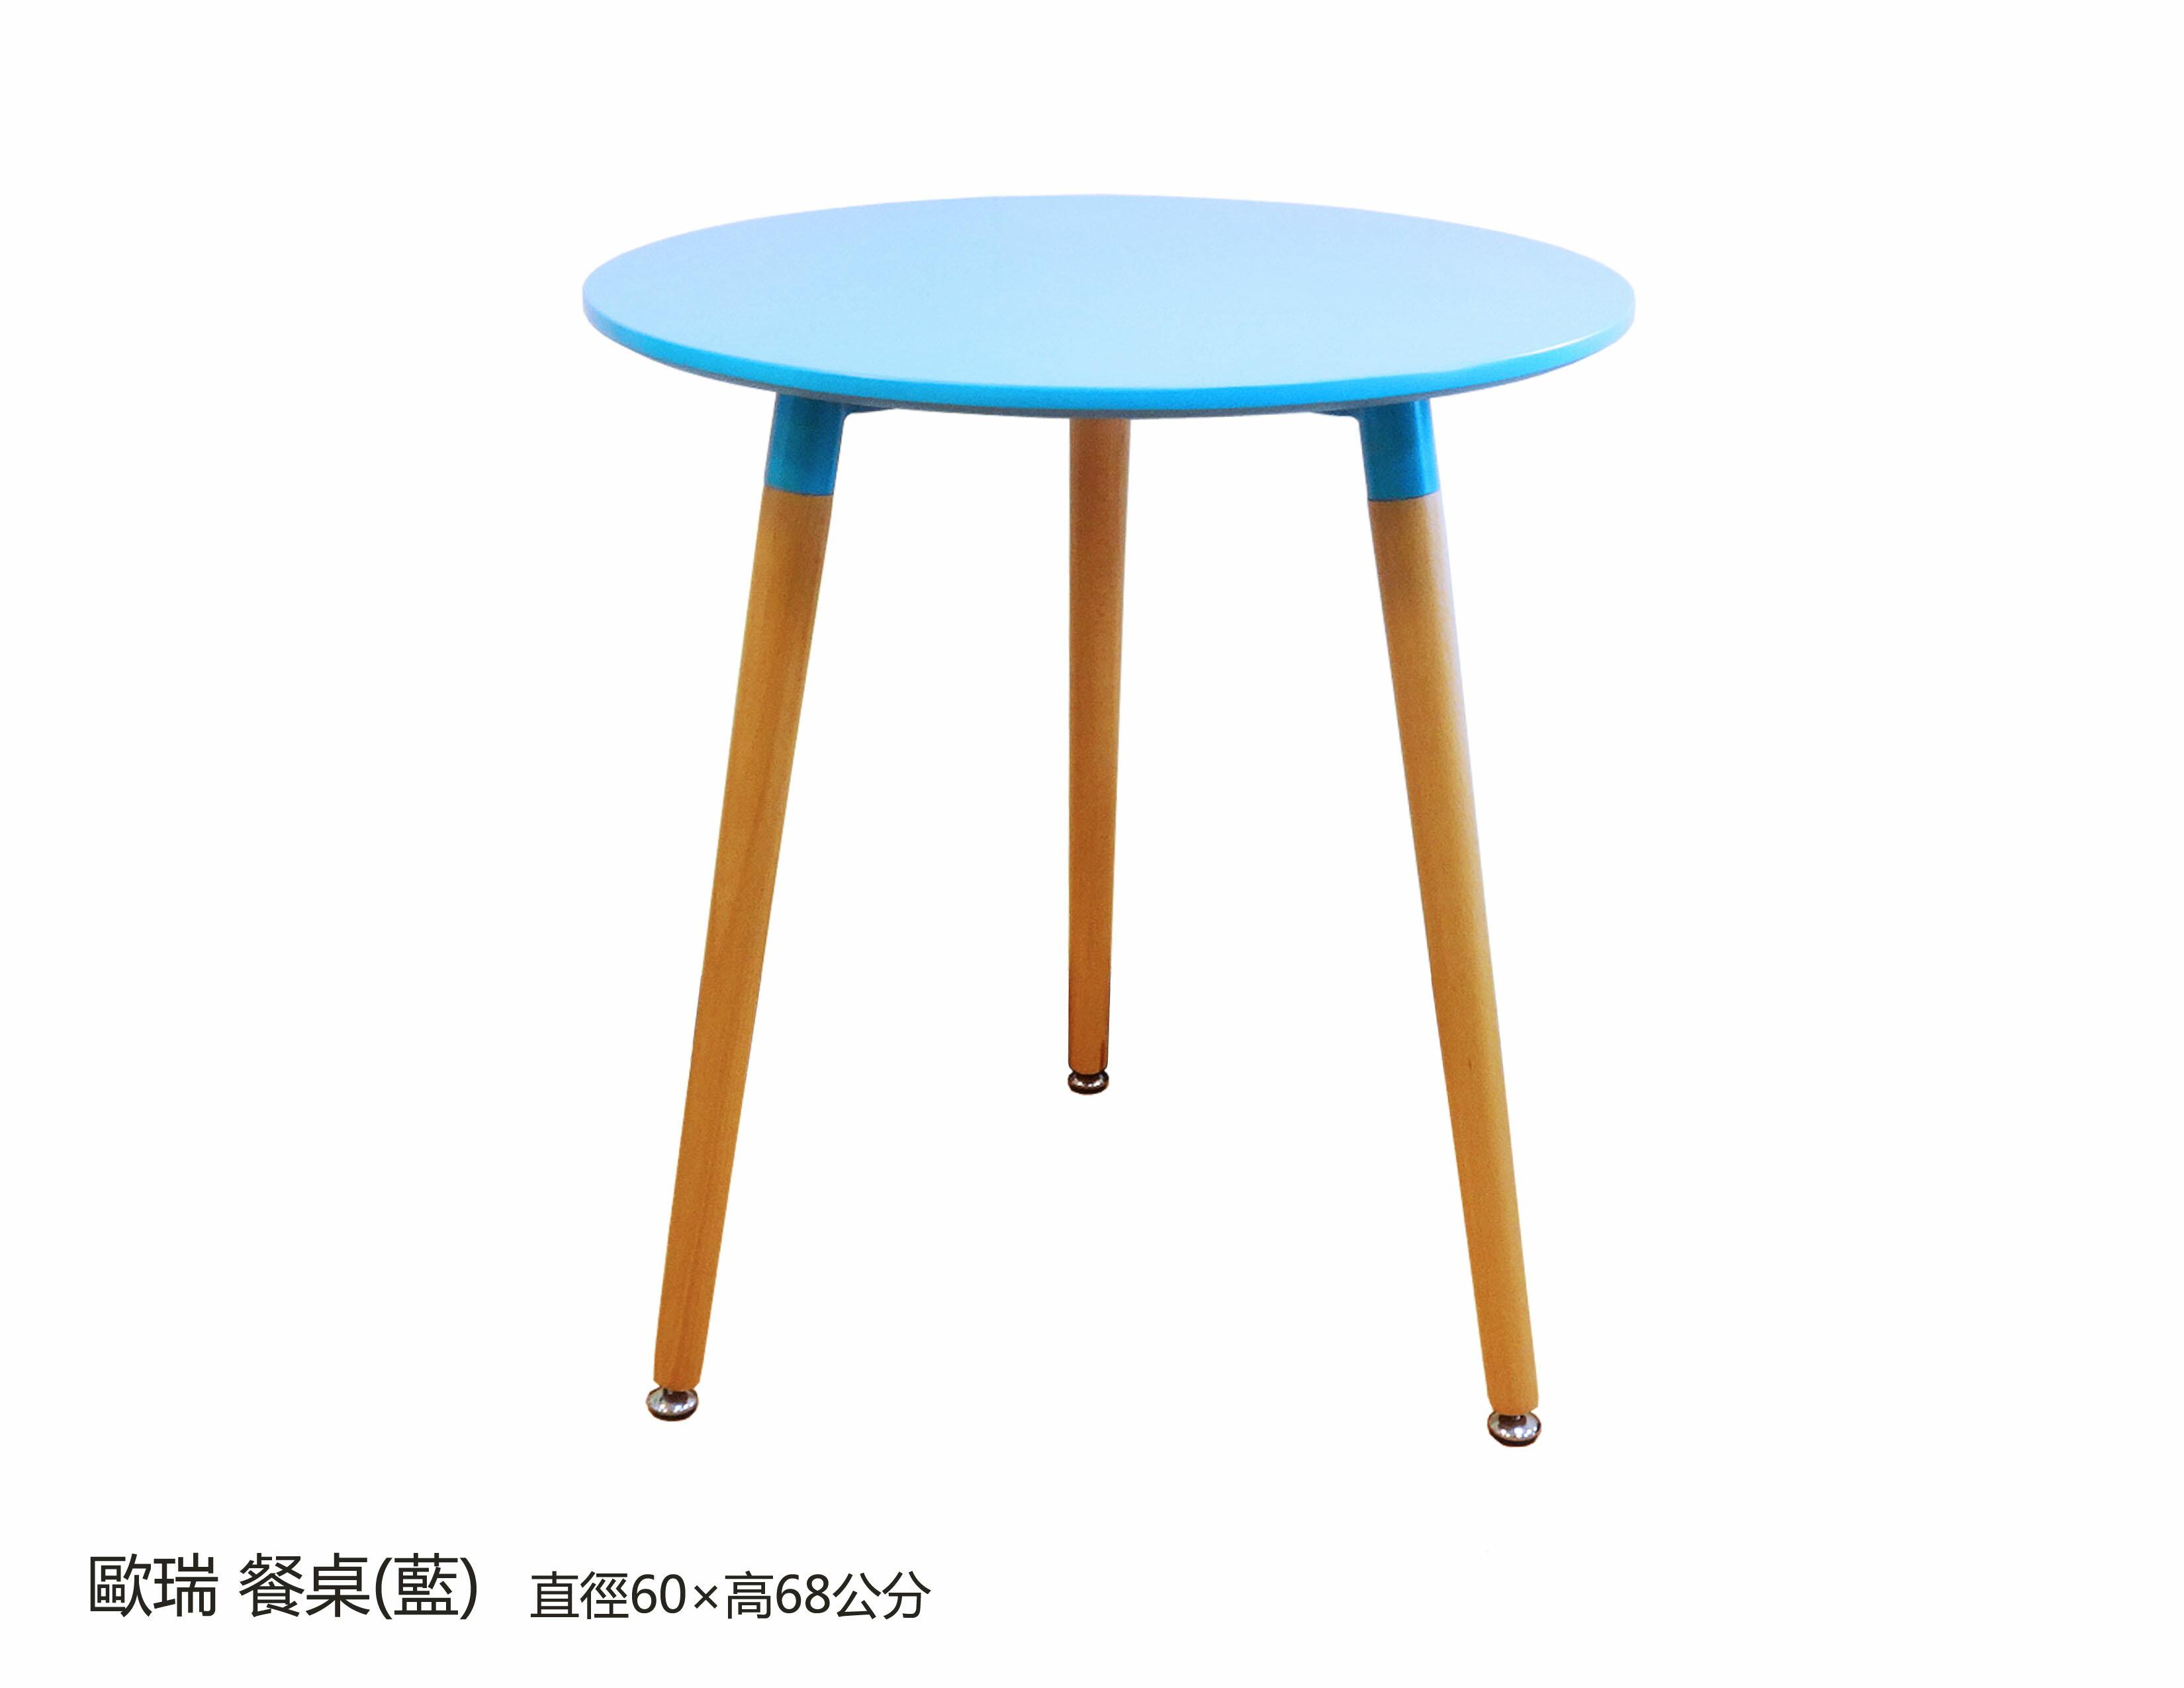 !新生活家具! 洽談桌 藍色 《歐瑞》 DSW 伊姆斯 餐桌 寫字桌 餐桌 圓桌 北歐風 簡約典雅 書桌